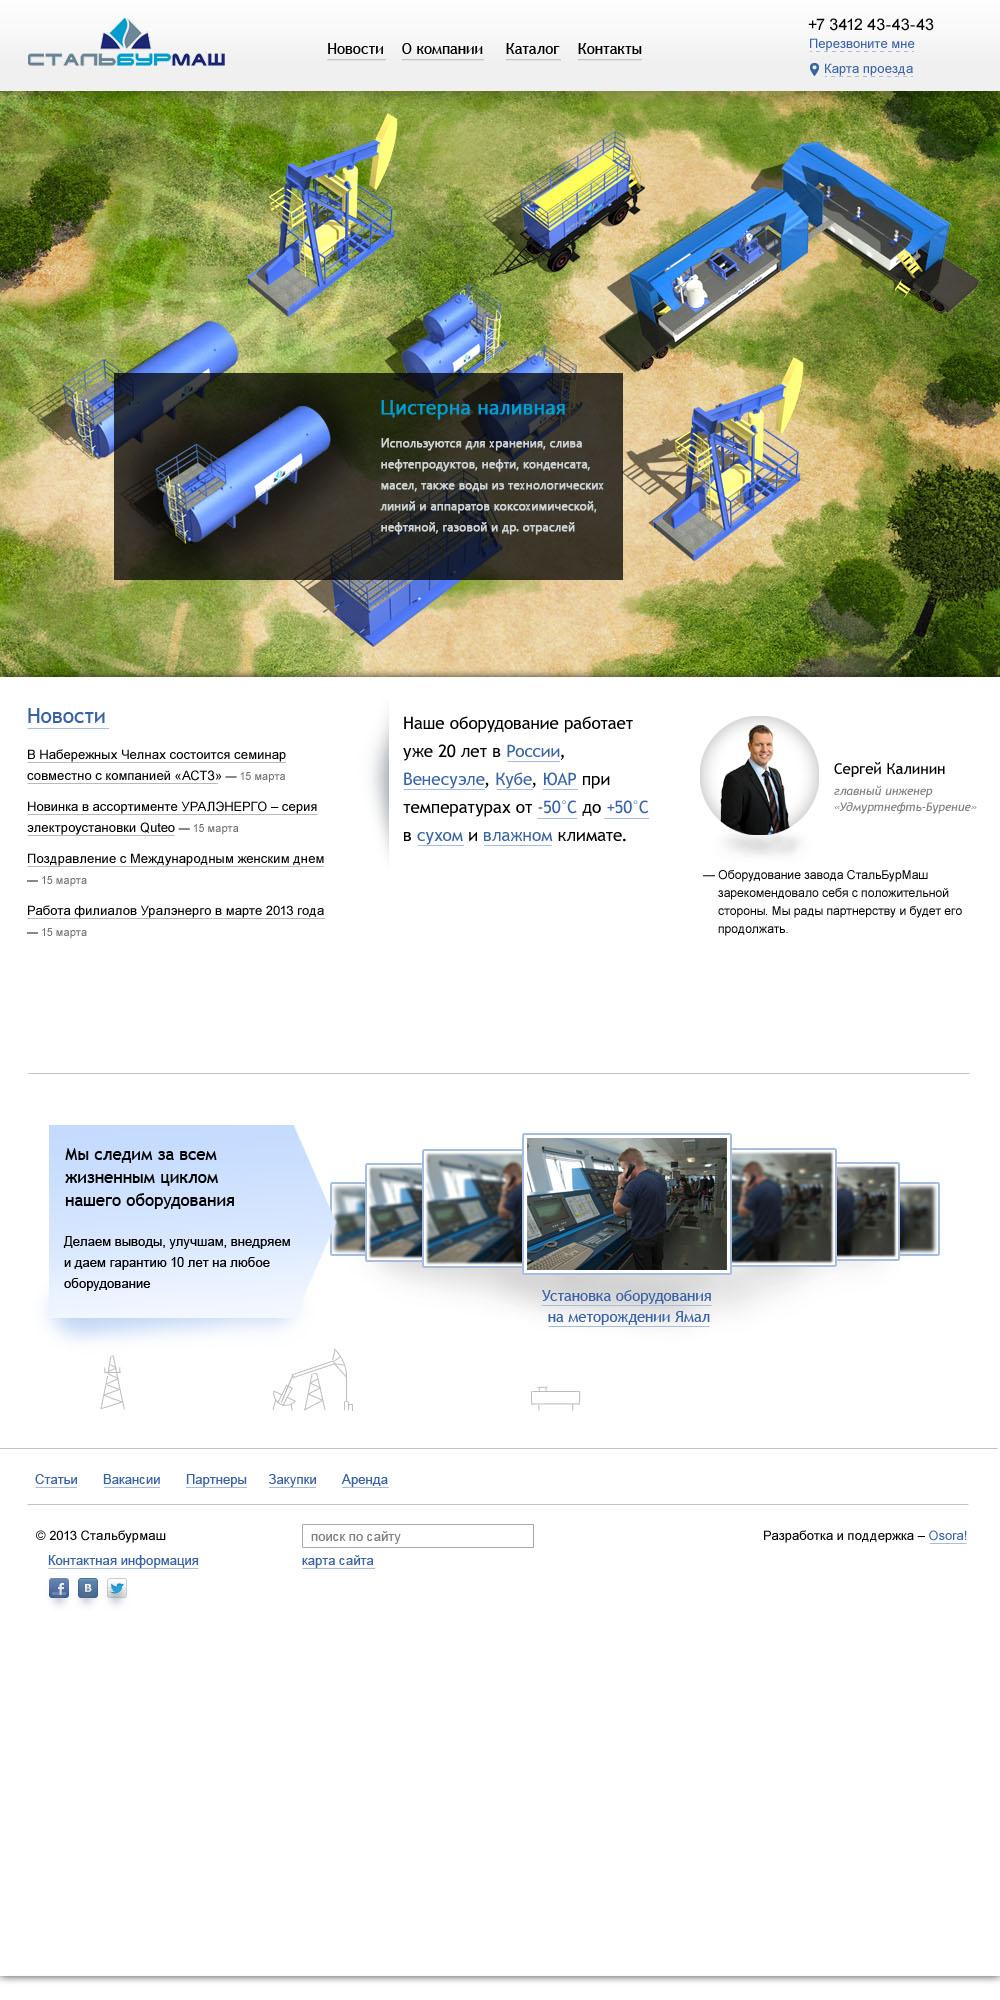 Сайт компании Стальбурмаш. Промышленная тематика.